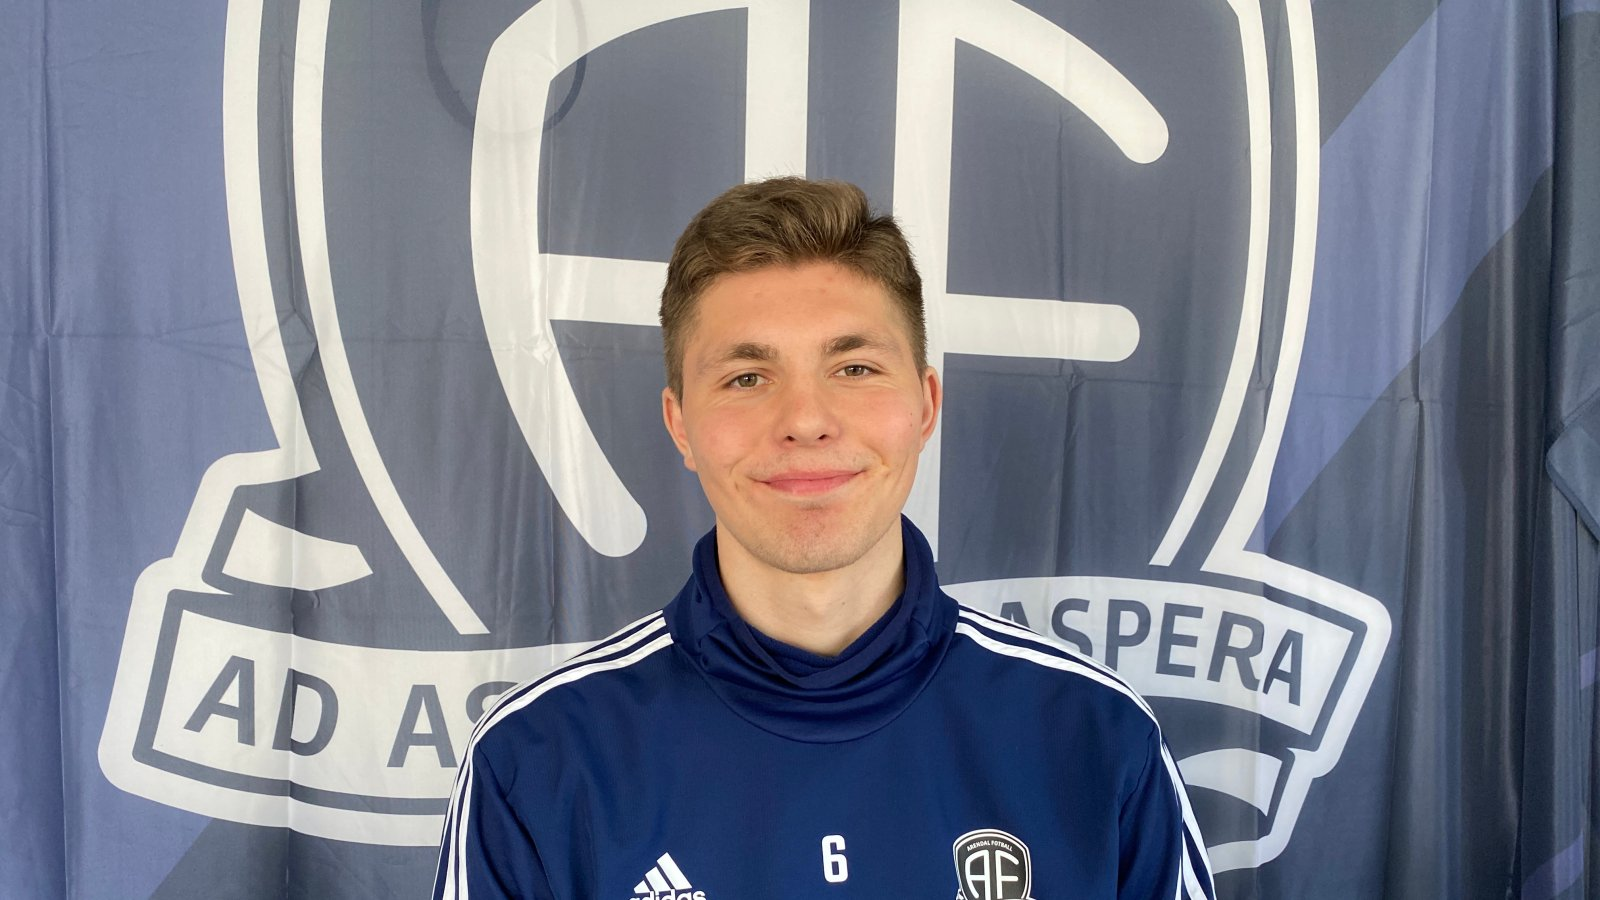 Andreas van der Spa.